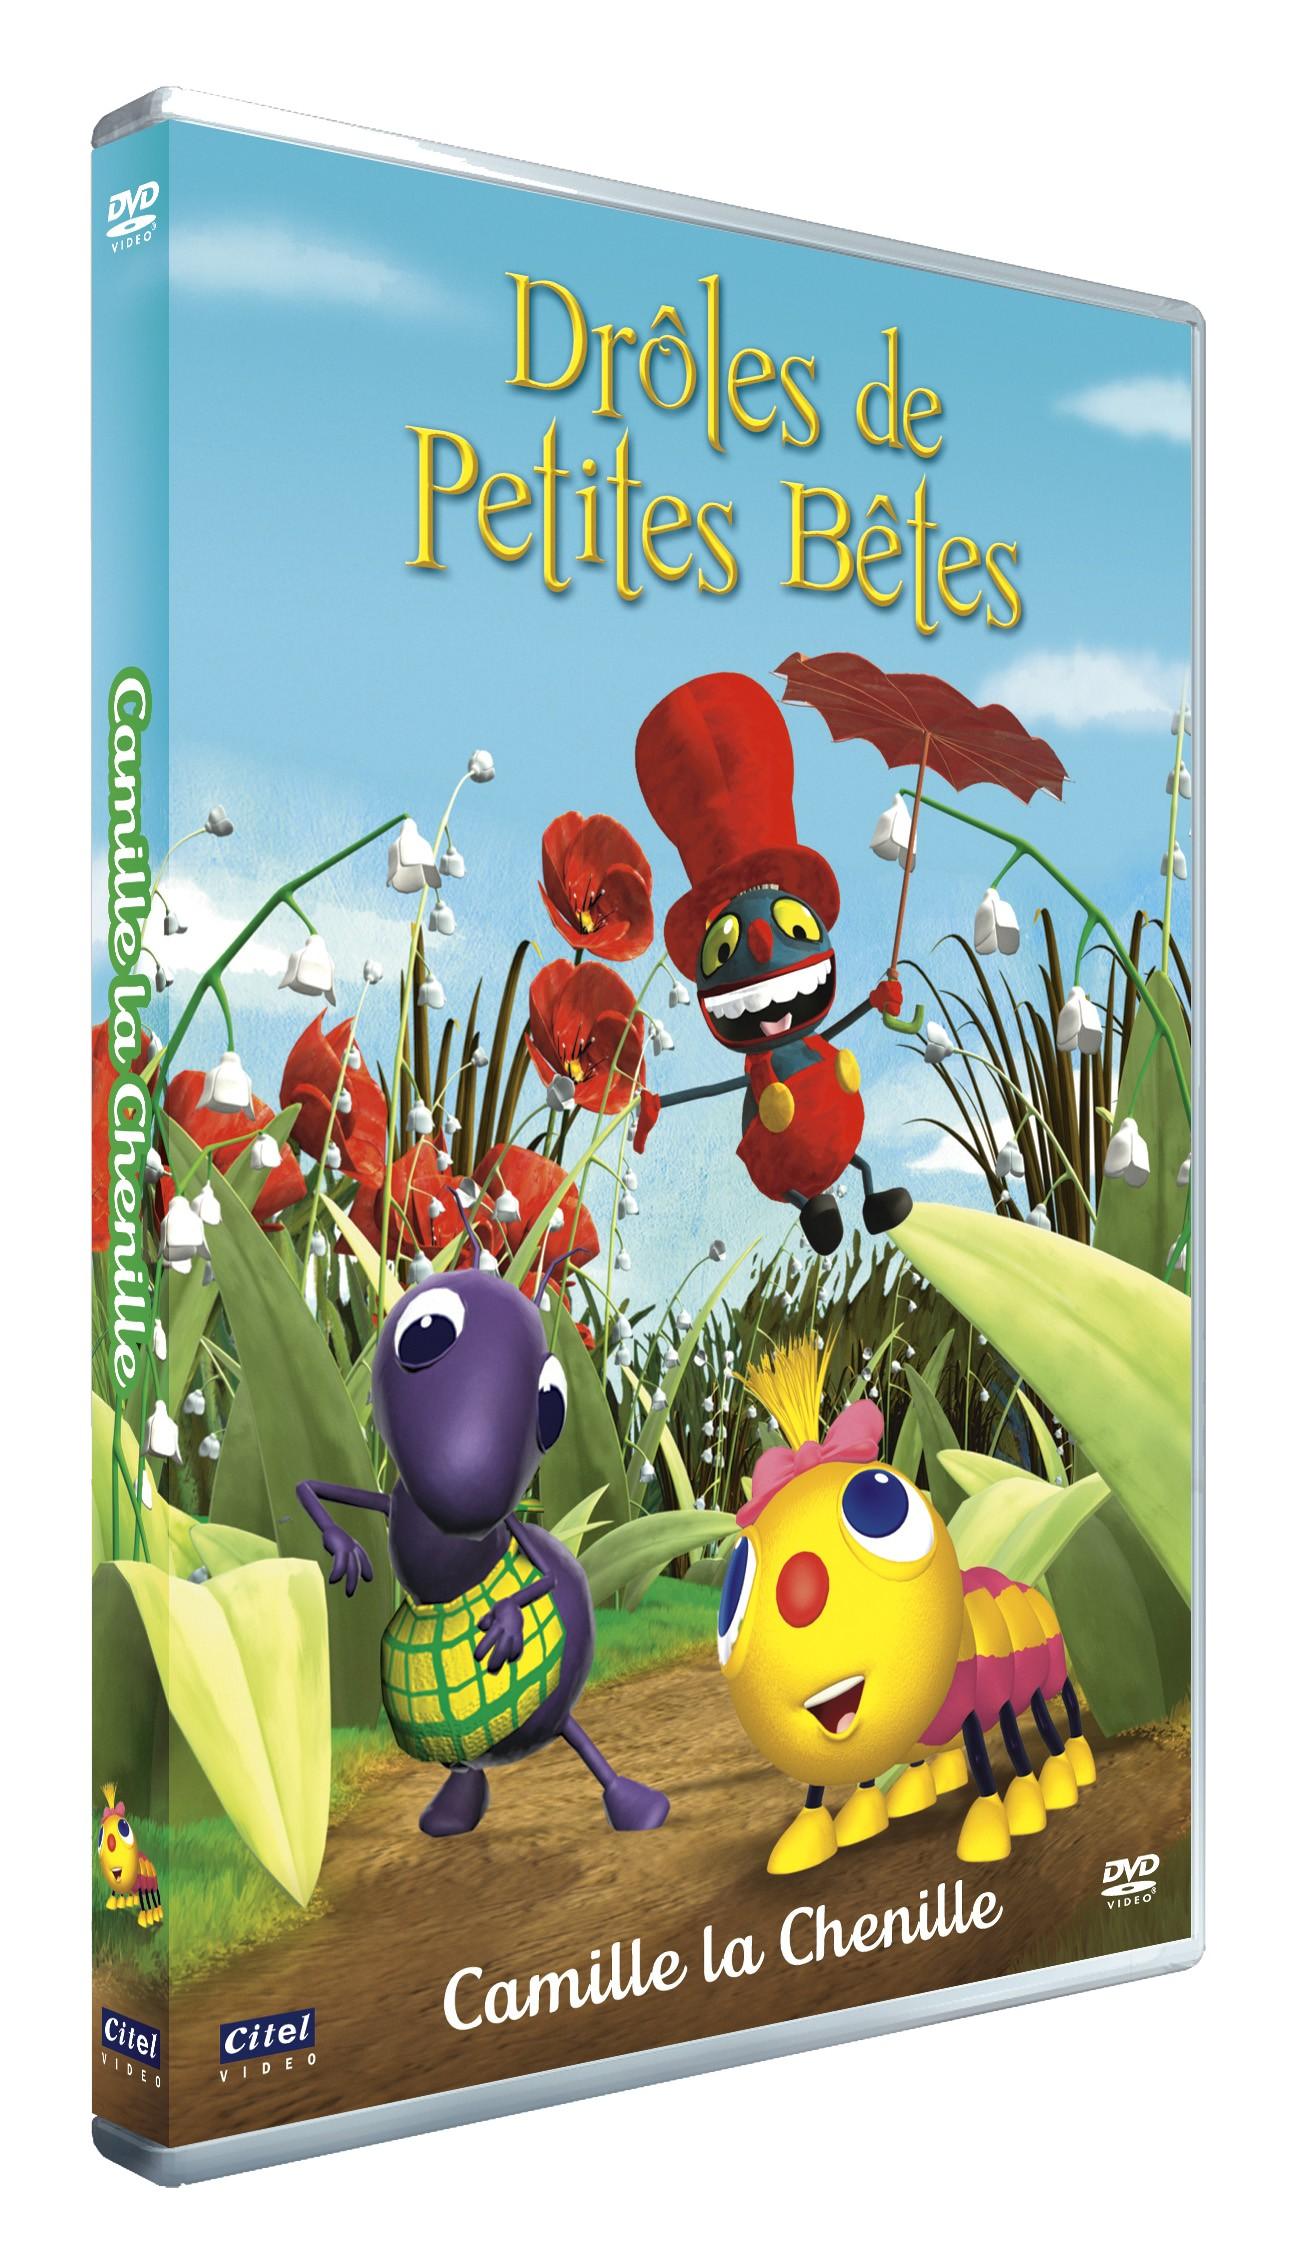 DROLES DE PETITES BETES - CAMILLE LA CHENILLE